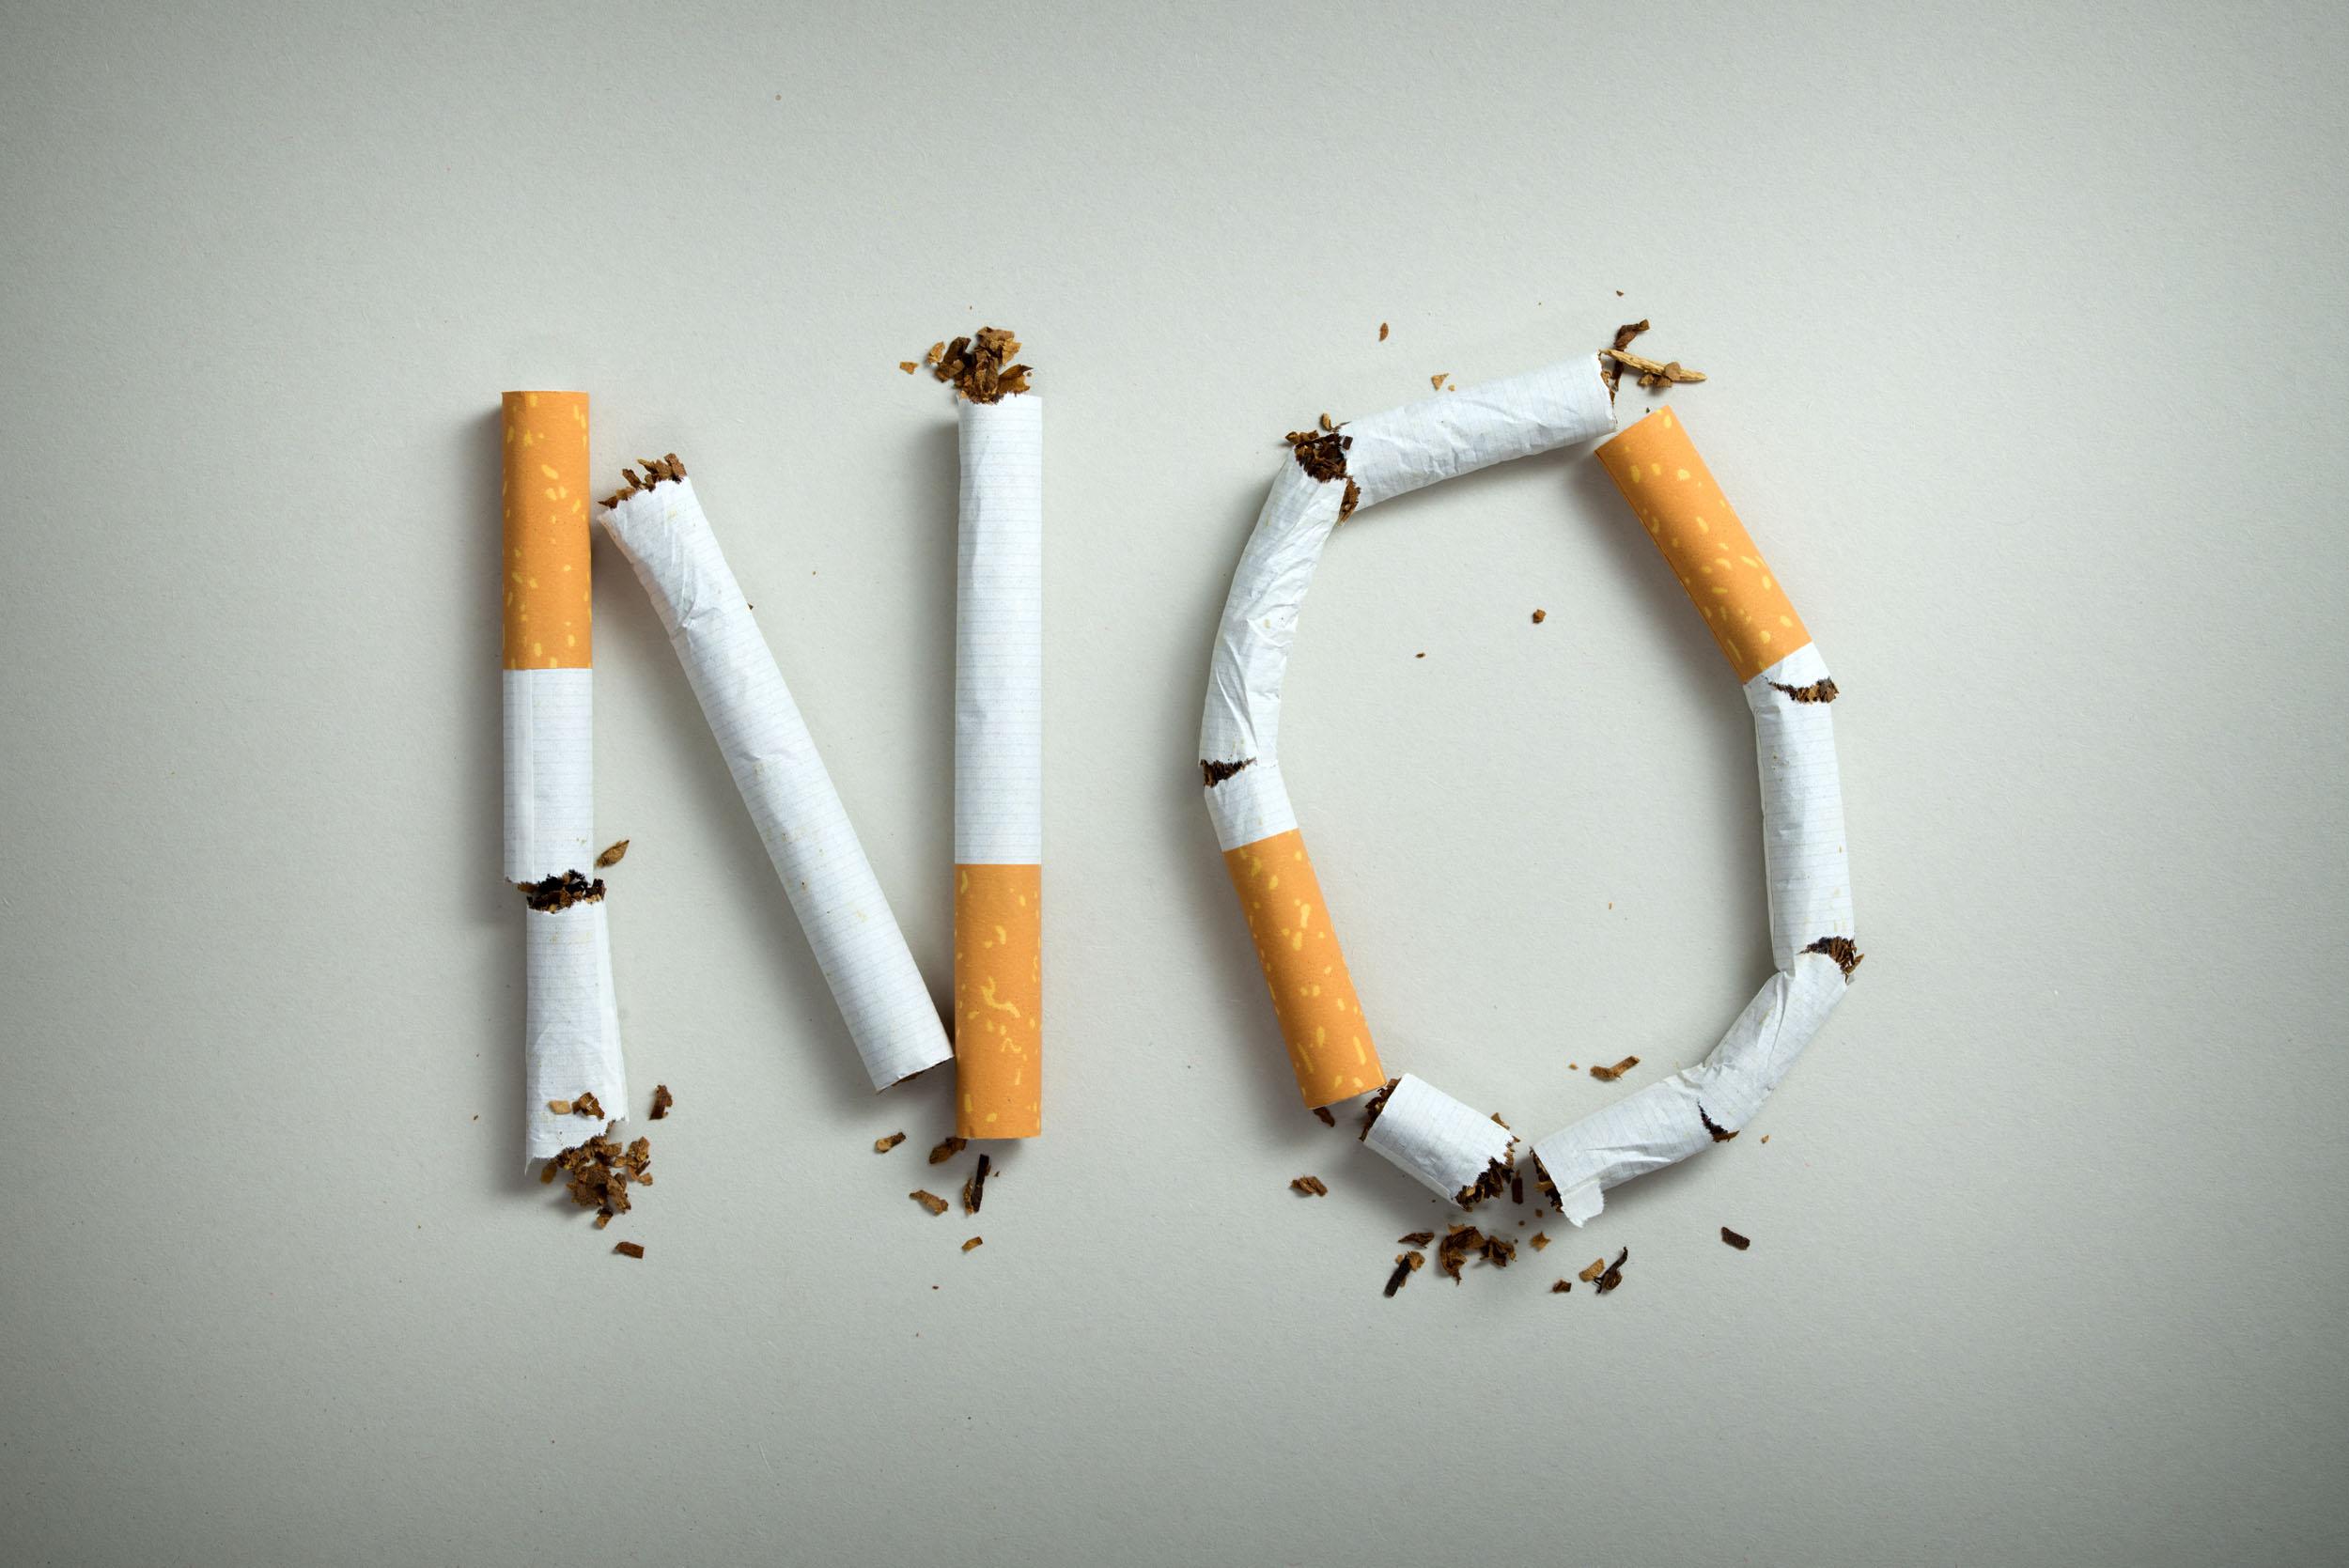 El día Mundial Sin tabaco invita a dejar de fumar, para que dure más el dinero y se ganen años de vida para disfrutar con la familia